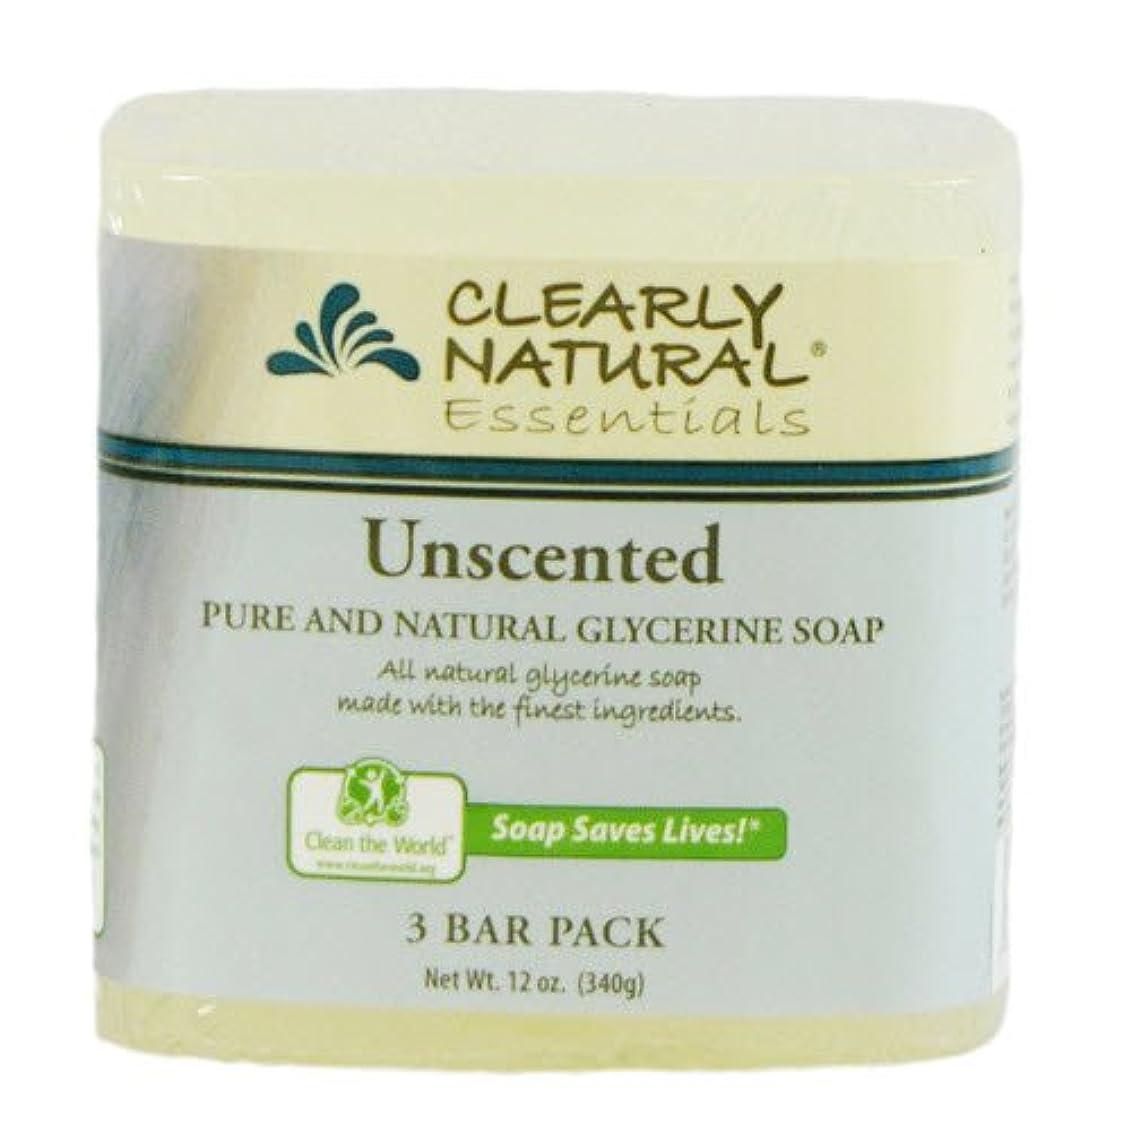 昨日シアートレードClearly Natural, Pure and Natural Glycerine Soap, Unscented, 3 Bar Pack, 4 oz Each